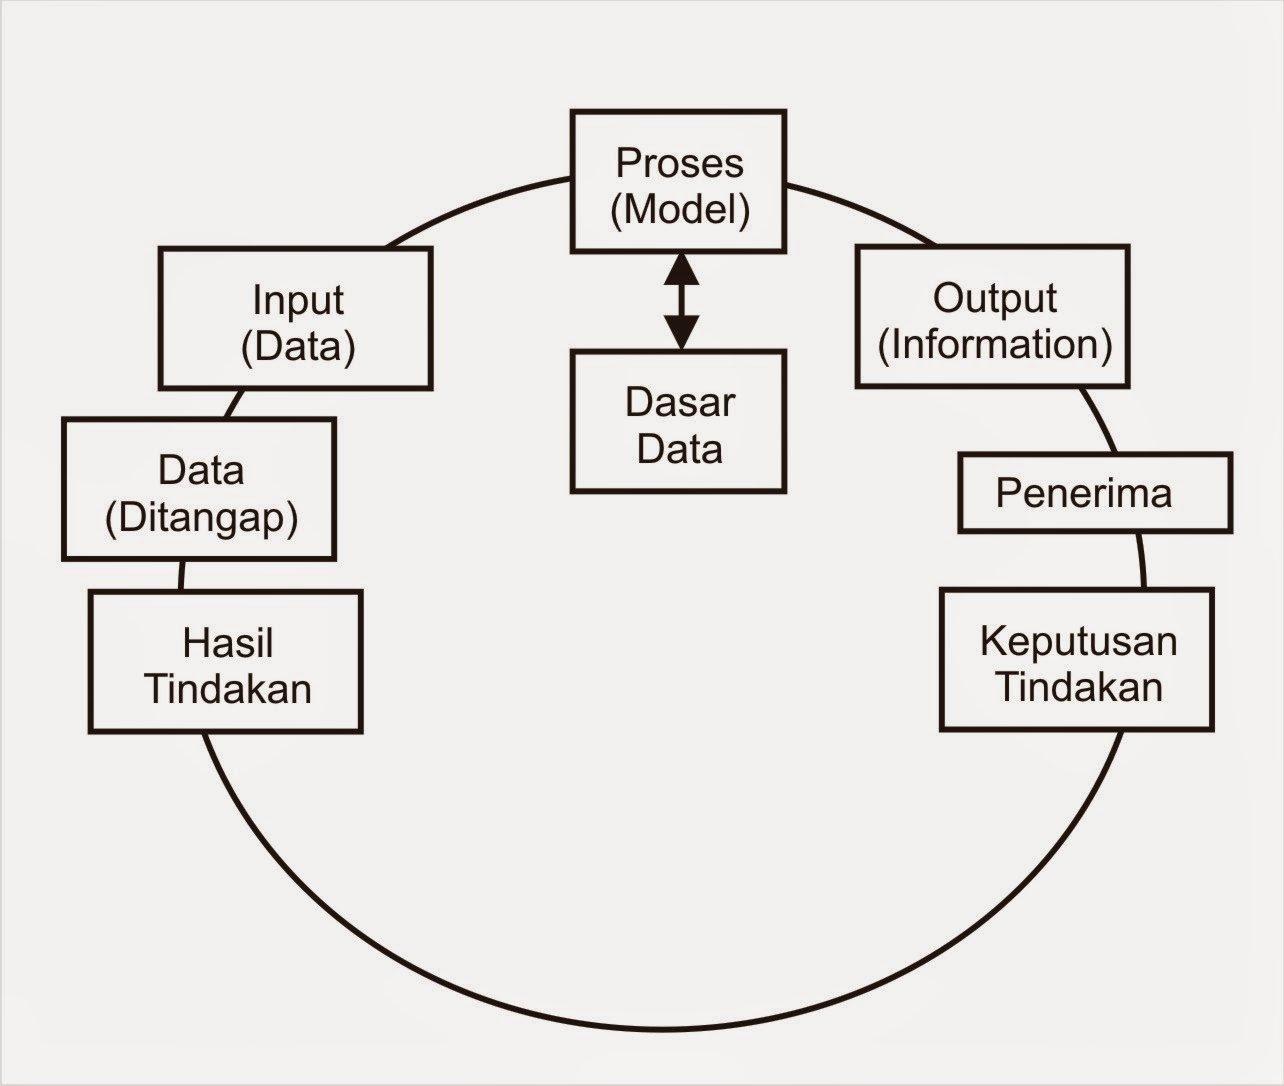 Apa yang dimaksud dengan informasi? - Sistem Informasi - Dictio Community